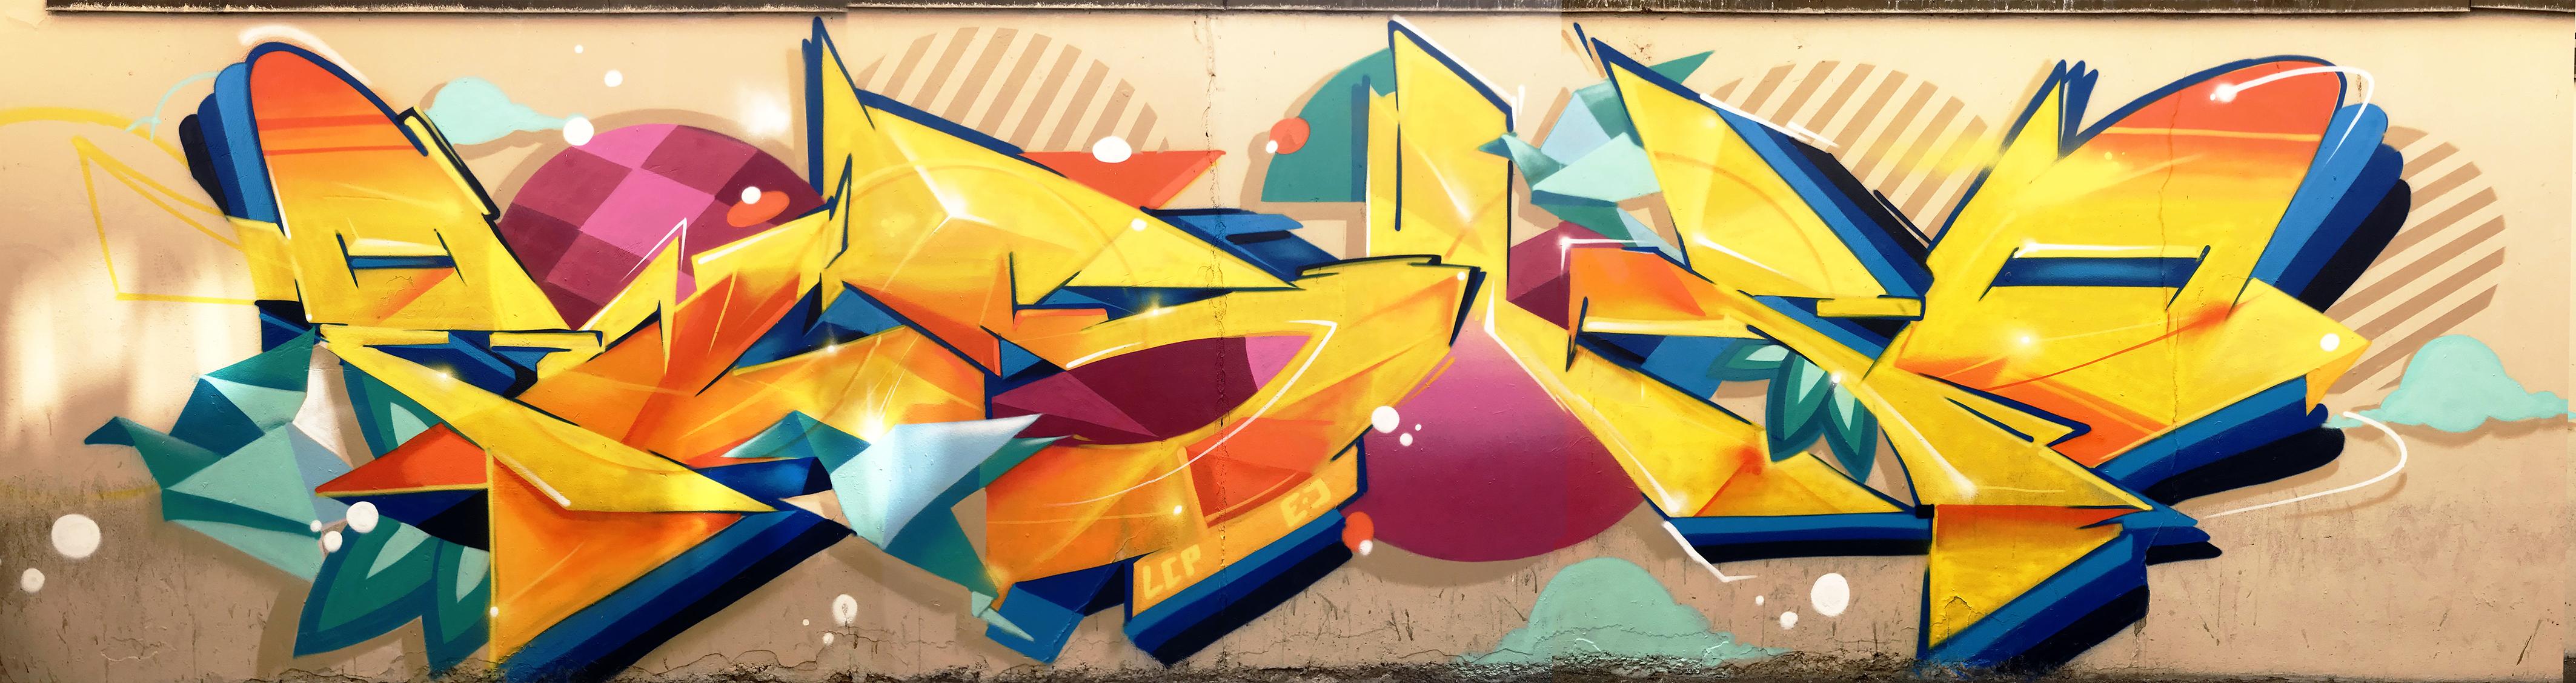 graffiti street art streetart colors Strasbourg Pisco pisko piscologik fresque Fnac